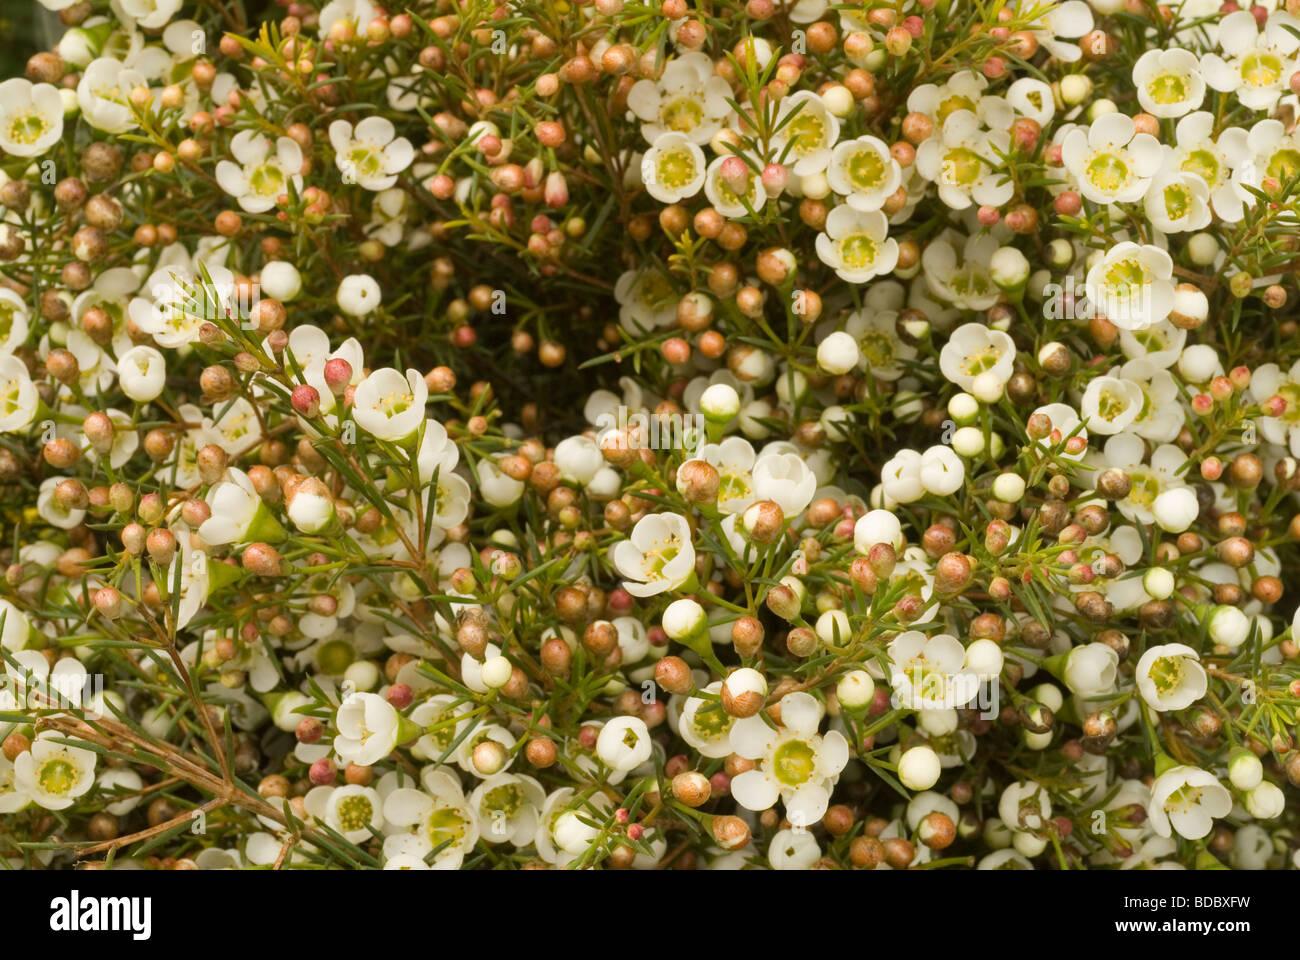 Flowers of Chamelaucium uncinatum, Ofir, Myrtaceae - Stock Image